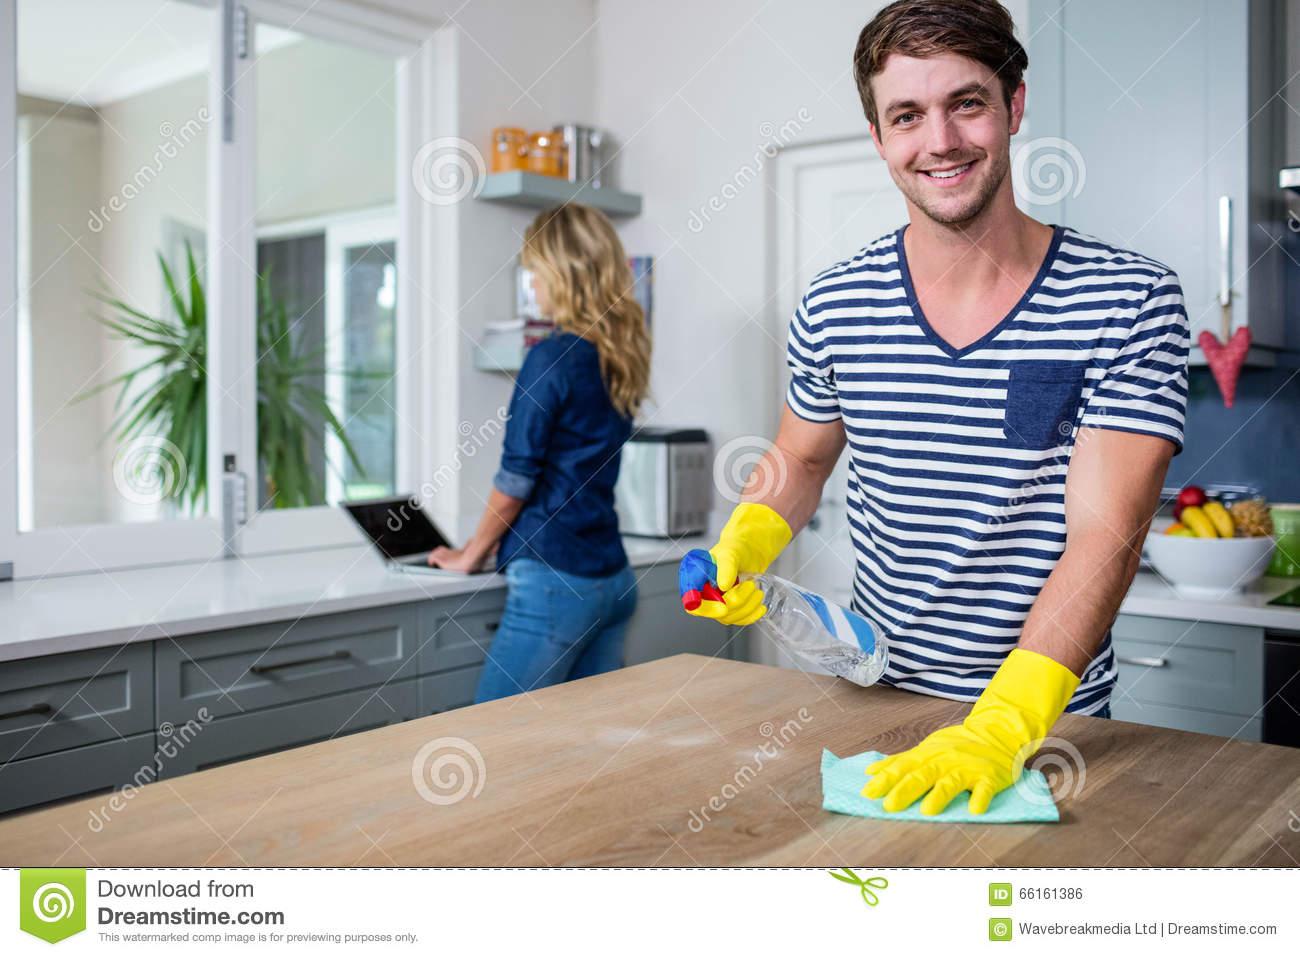 Tâches d'entretien ménager: que font les entreprises de nettoyage?